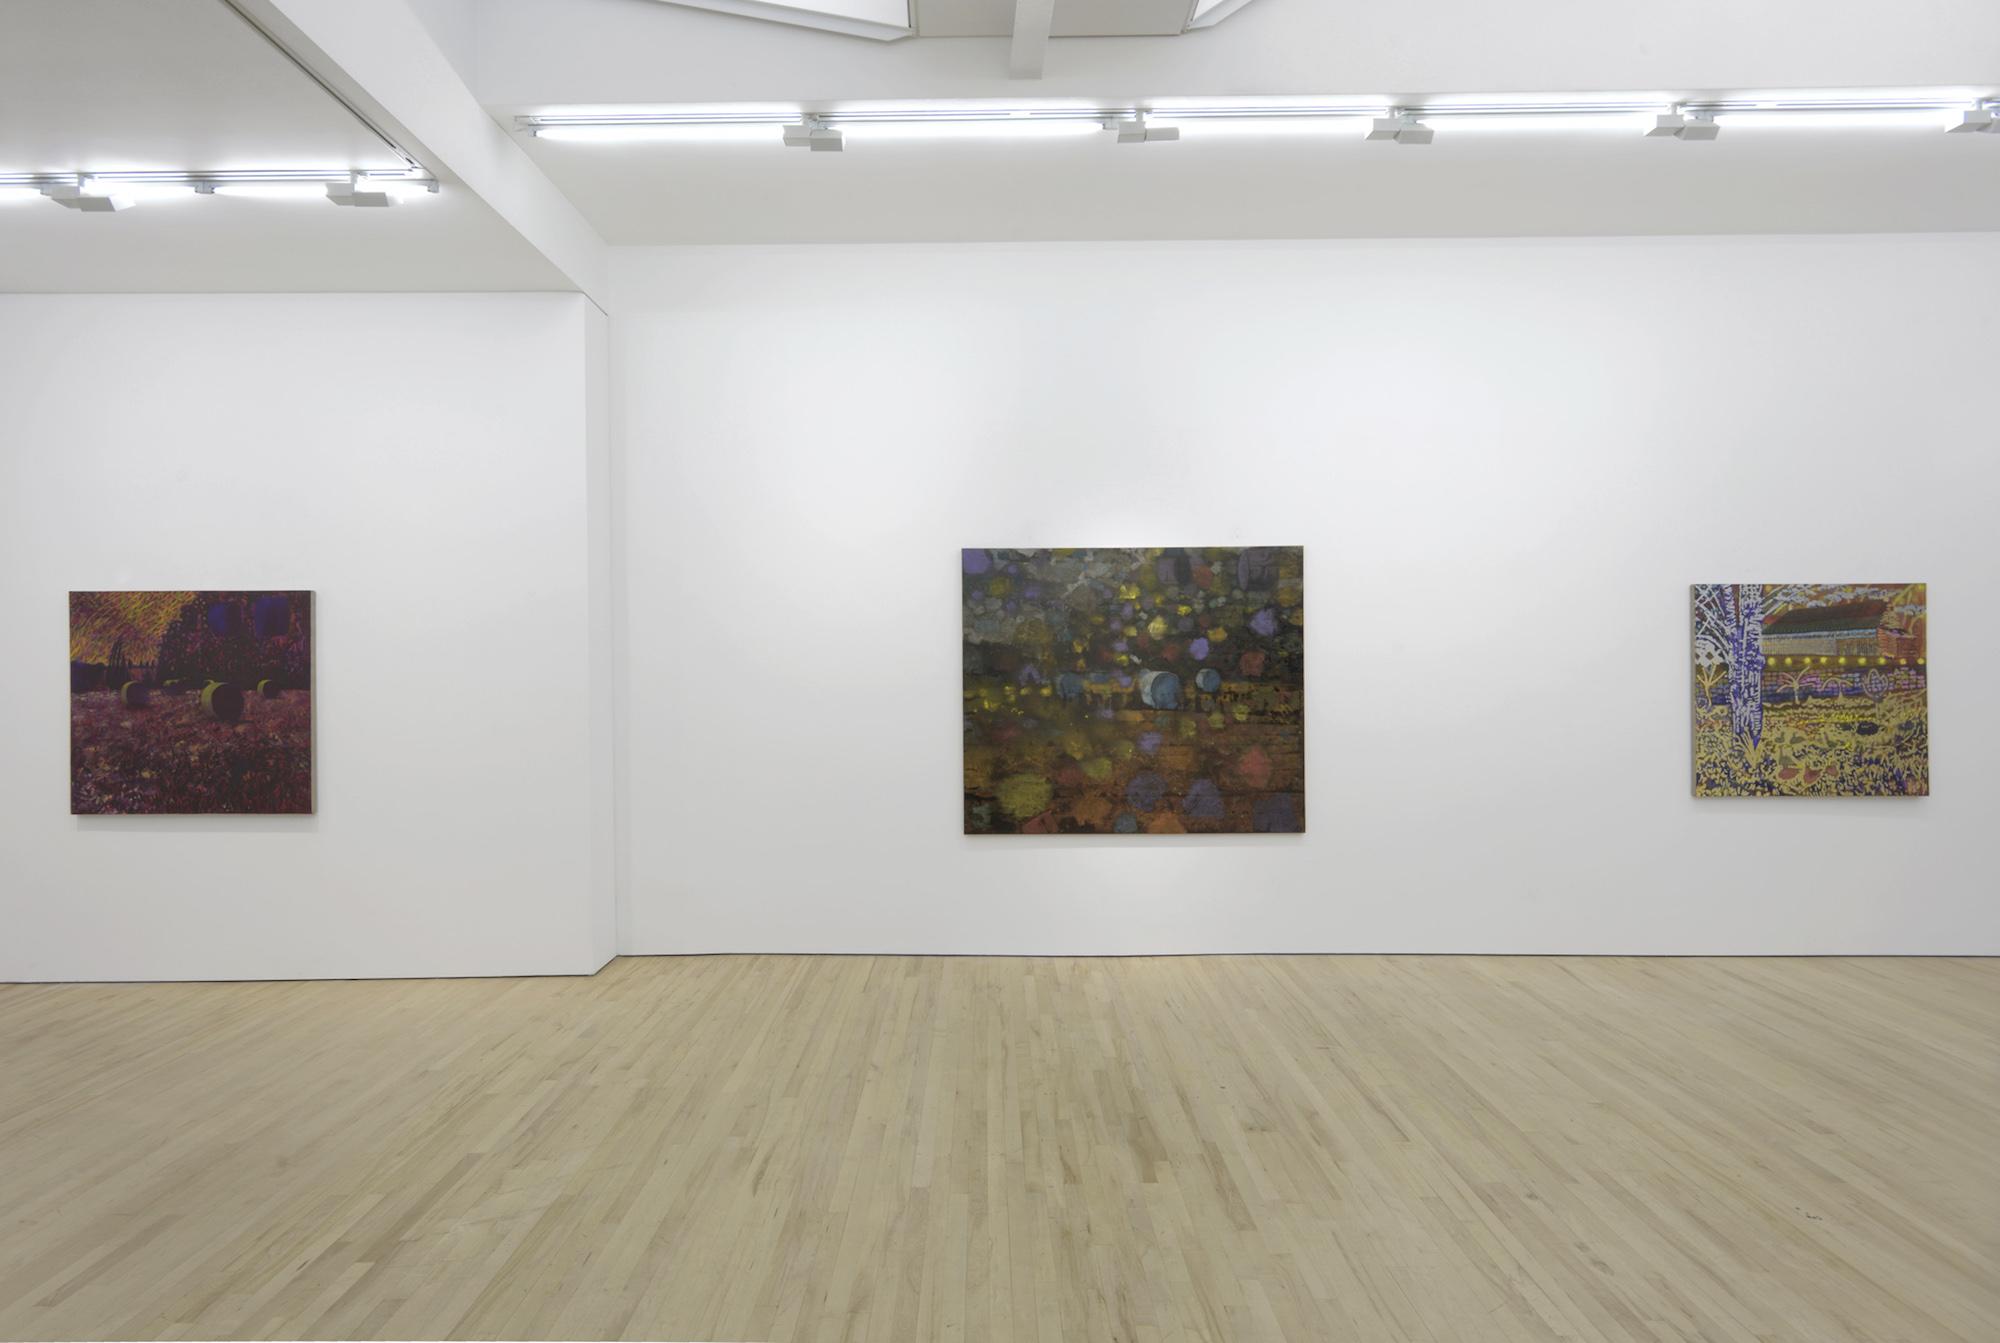 3 - David Brian Smith at Carl Freedman London